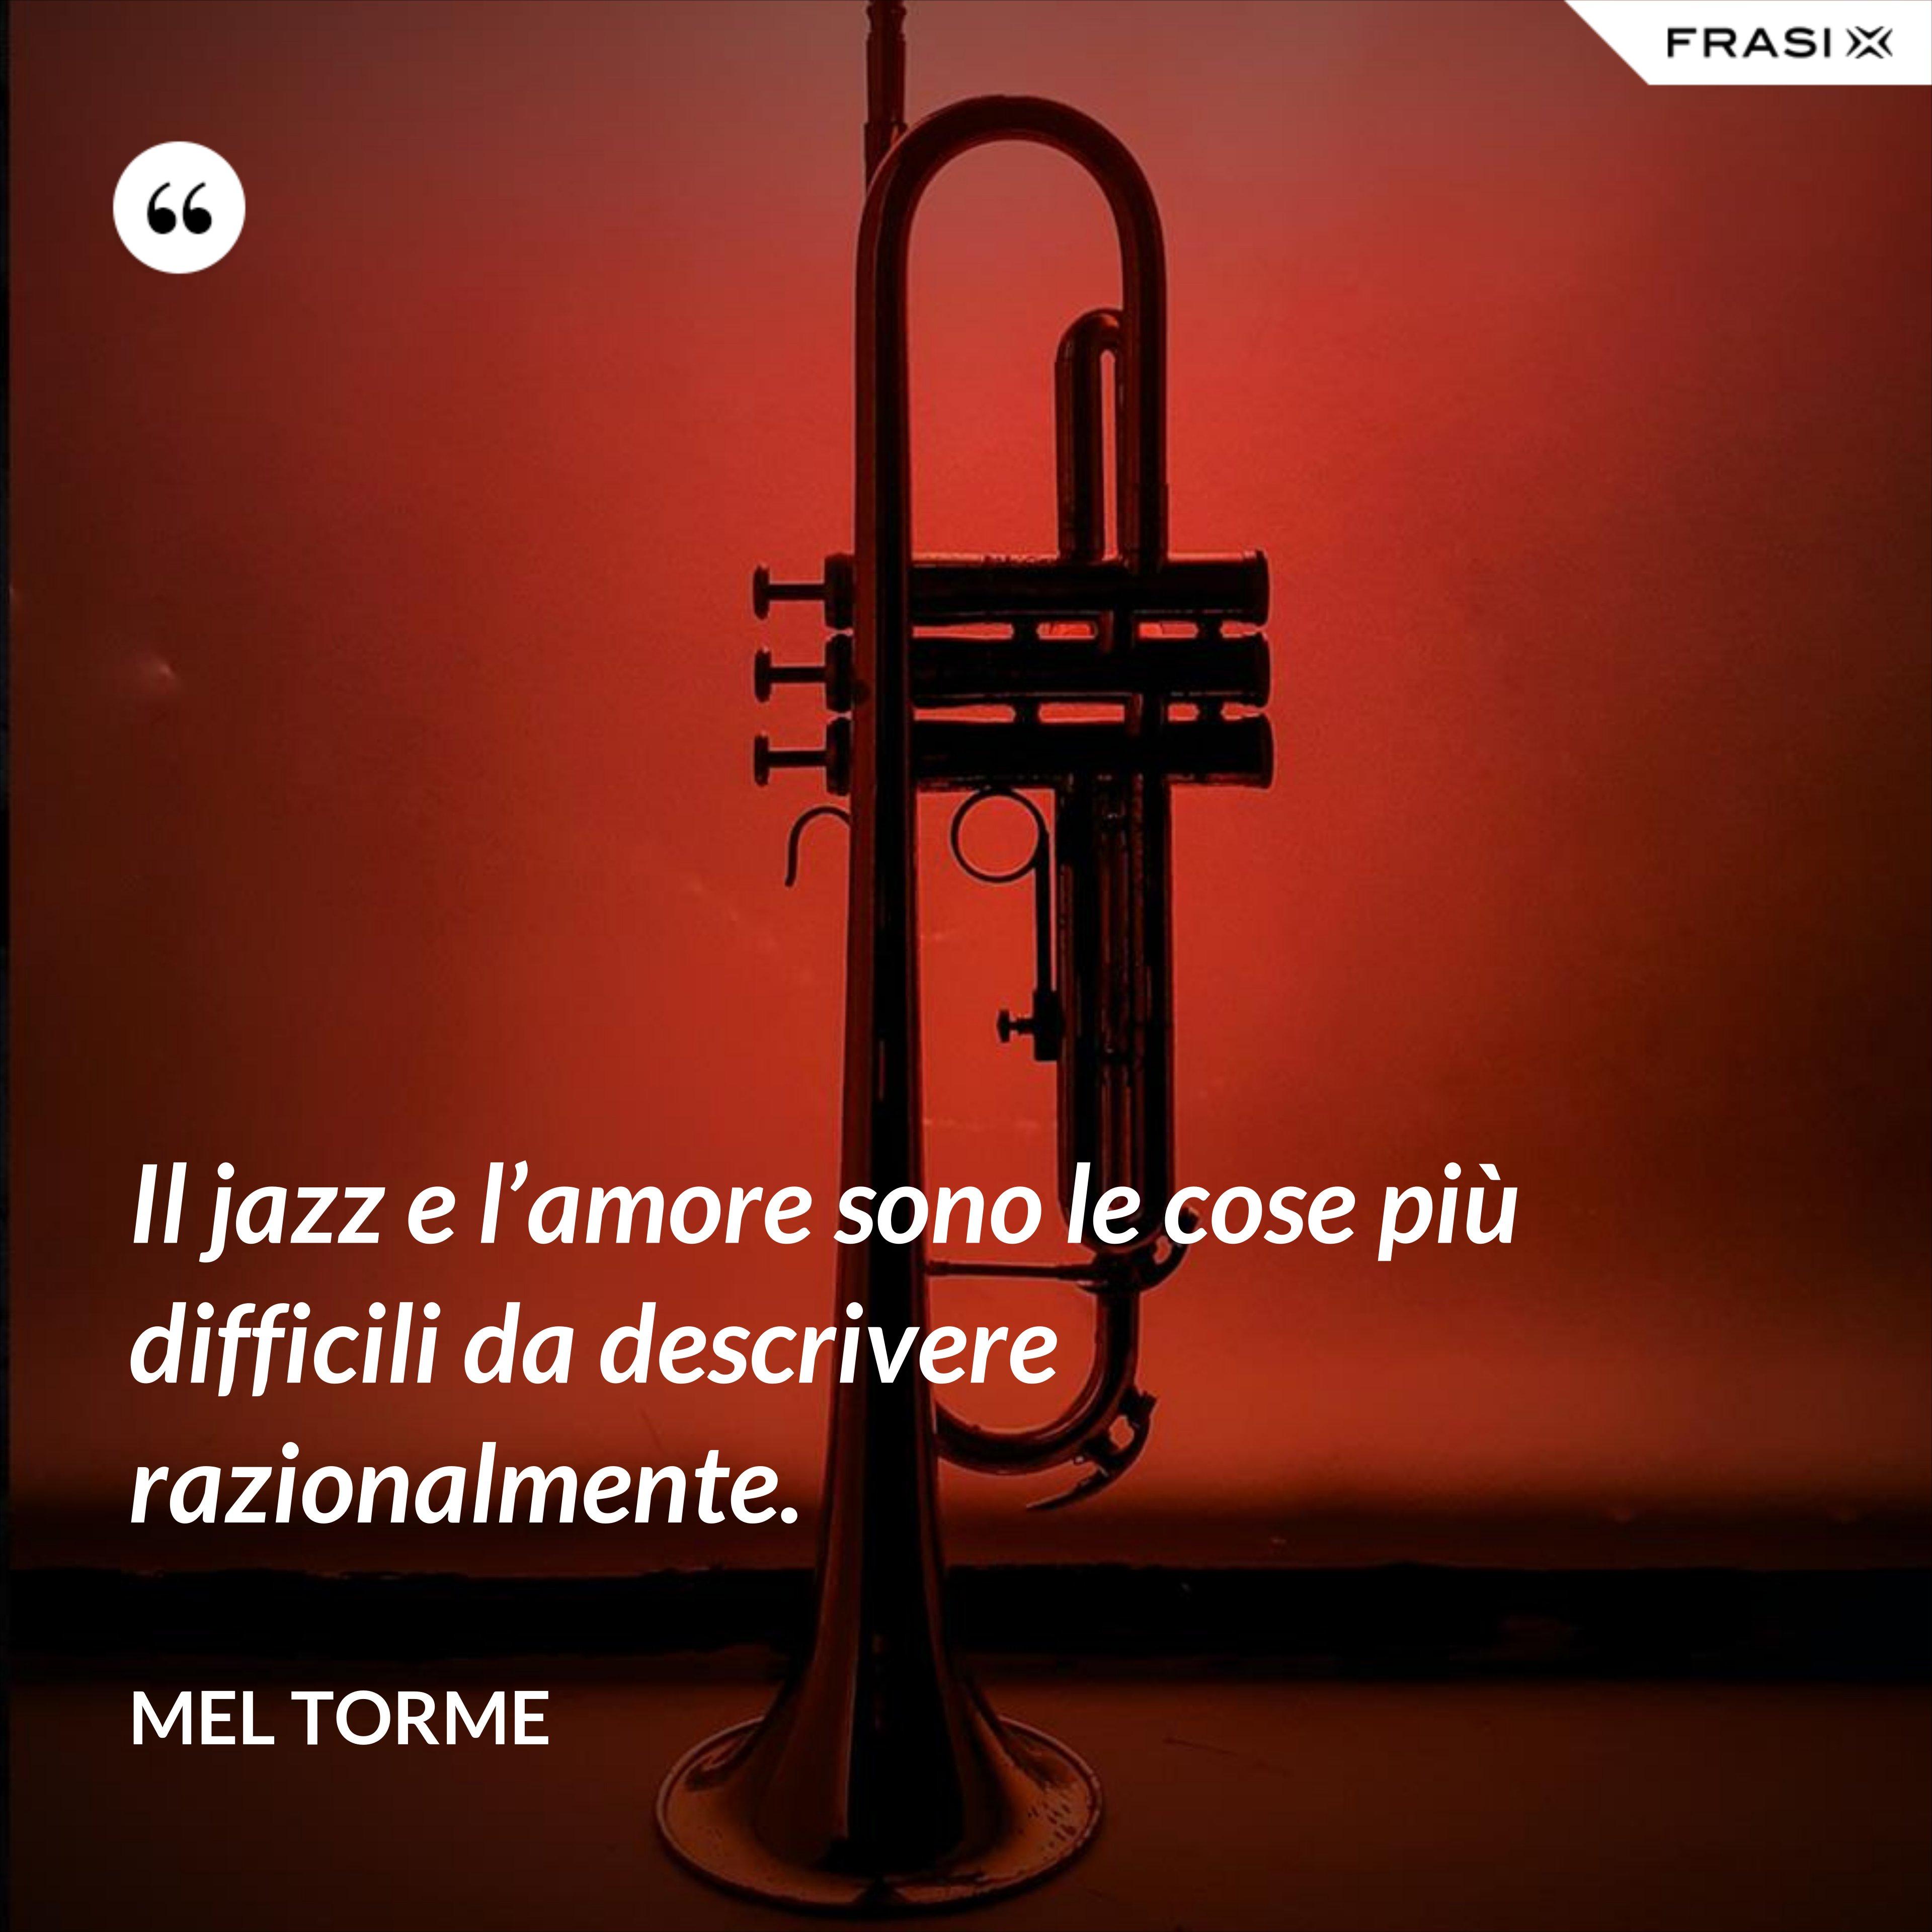 Il jazz e l'amore sono le cose più difficili da descrivere razionalmente. - Mel Torme